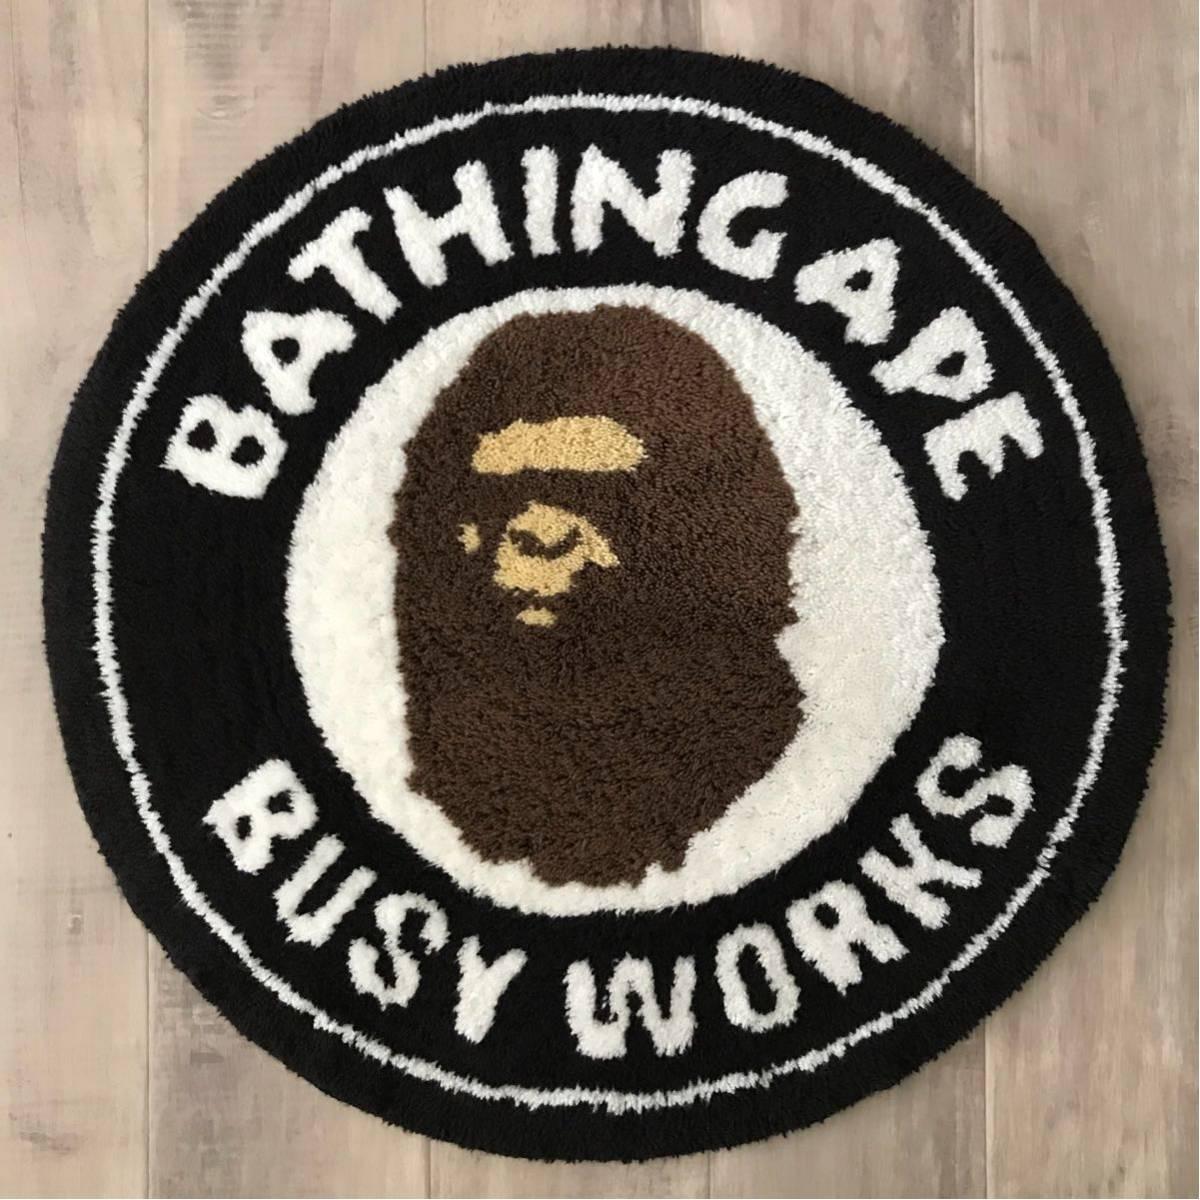 BAPE サークルロゴ ラグマット a bathing ape circle logo rug エイプ ベイプ アベイシングエイプ マット インテリア furniture